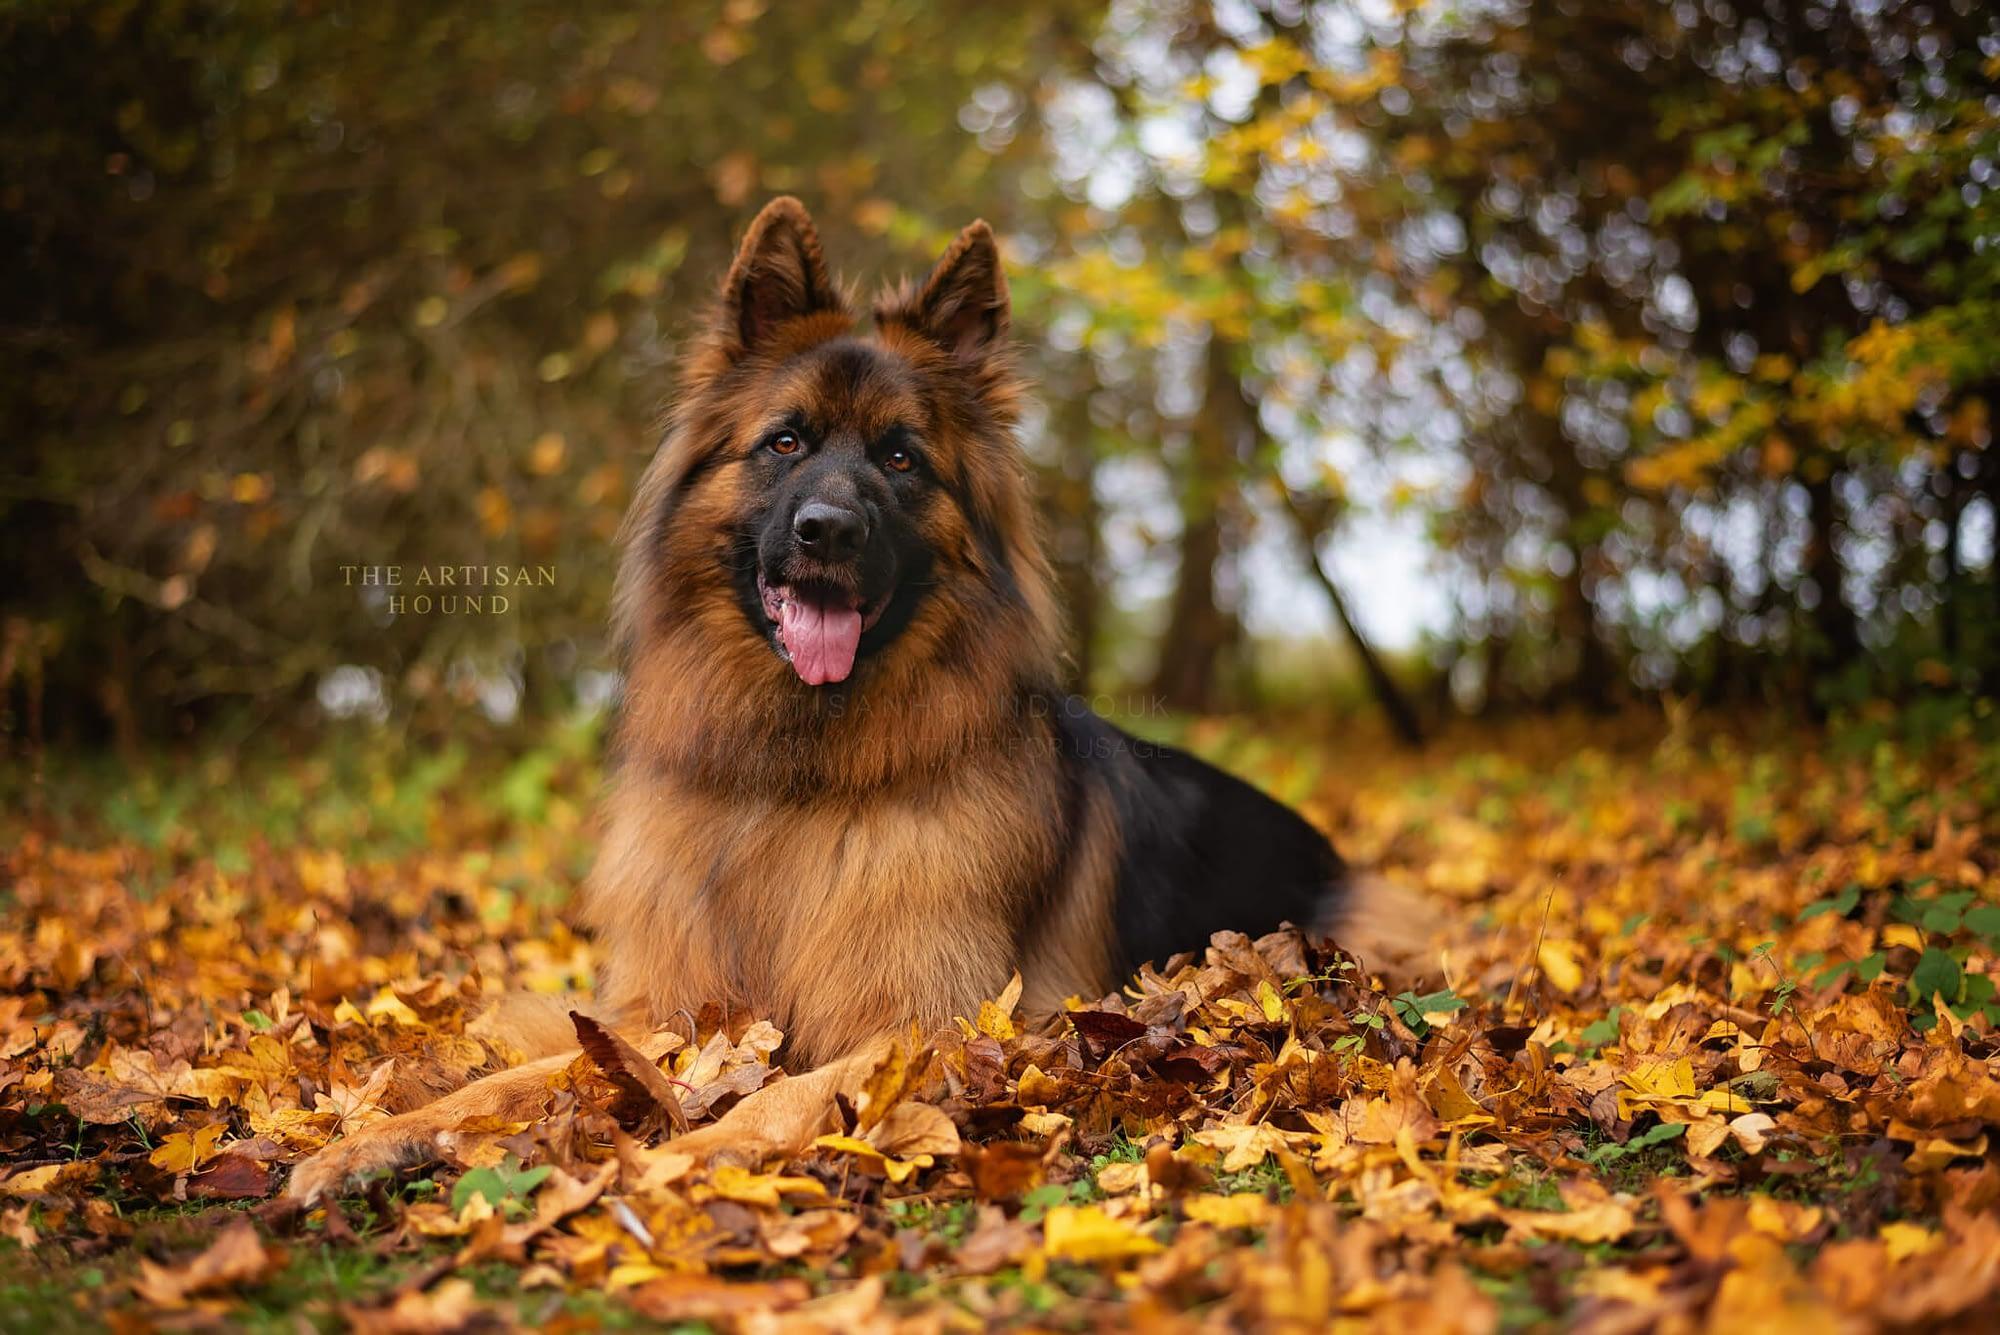 German Shepherd dog lying down in fallen autumn leaves